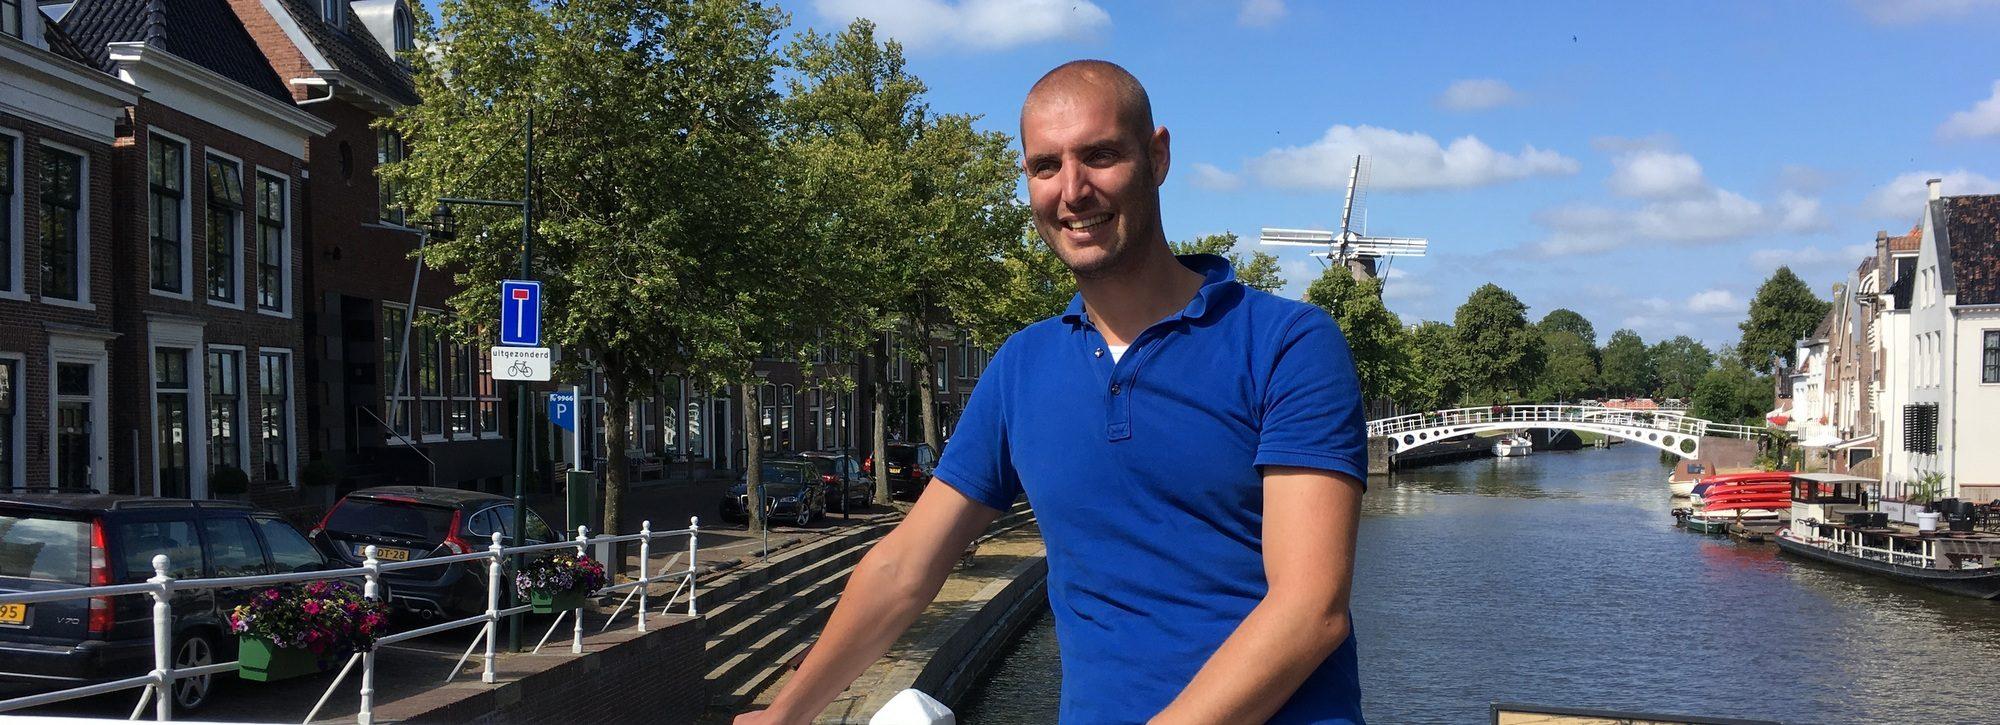 Daarom gaat Maarten van der Weijden die monstertocht zwemmen